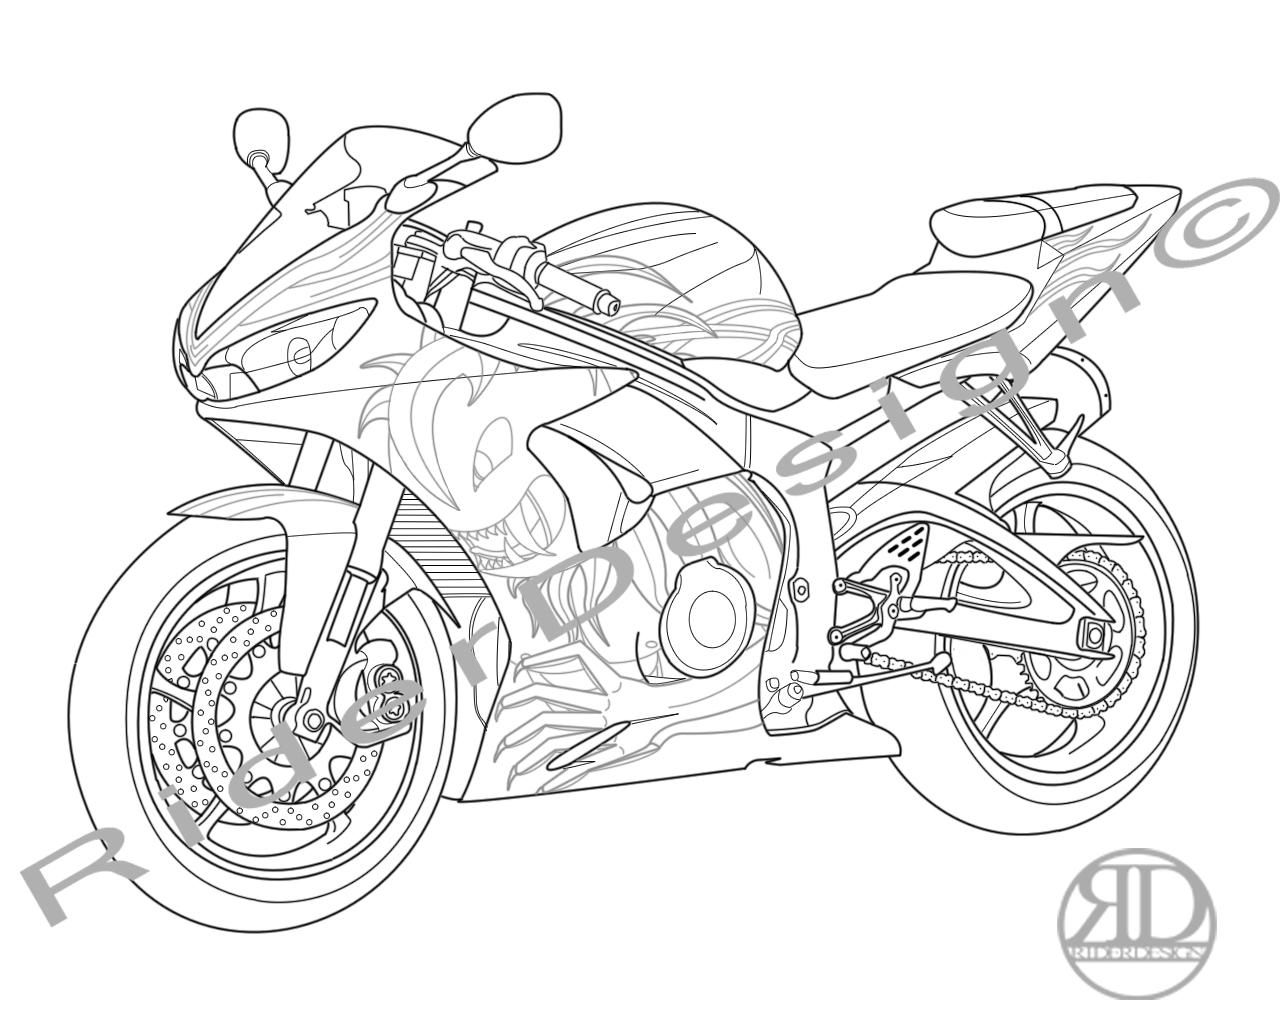 04 Yamaha R1